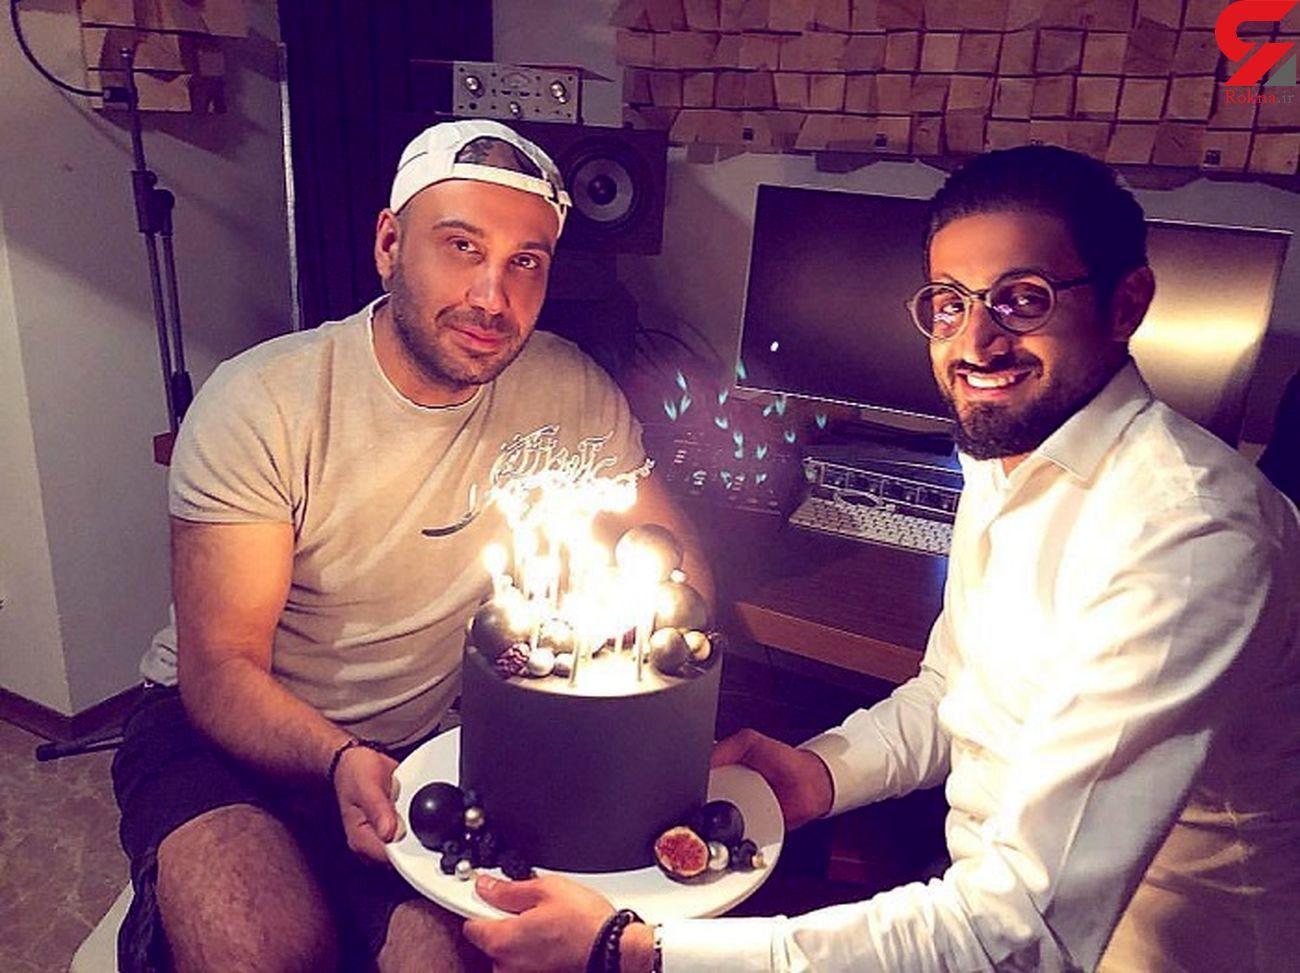 جشن تولد محسن چاوشی در استودیو +عکس